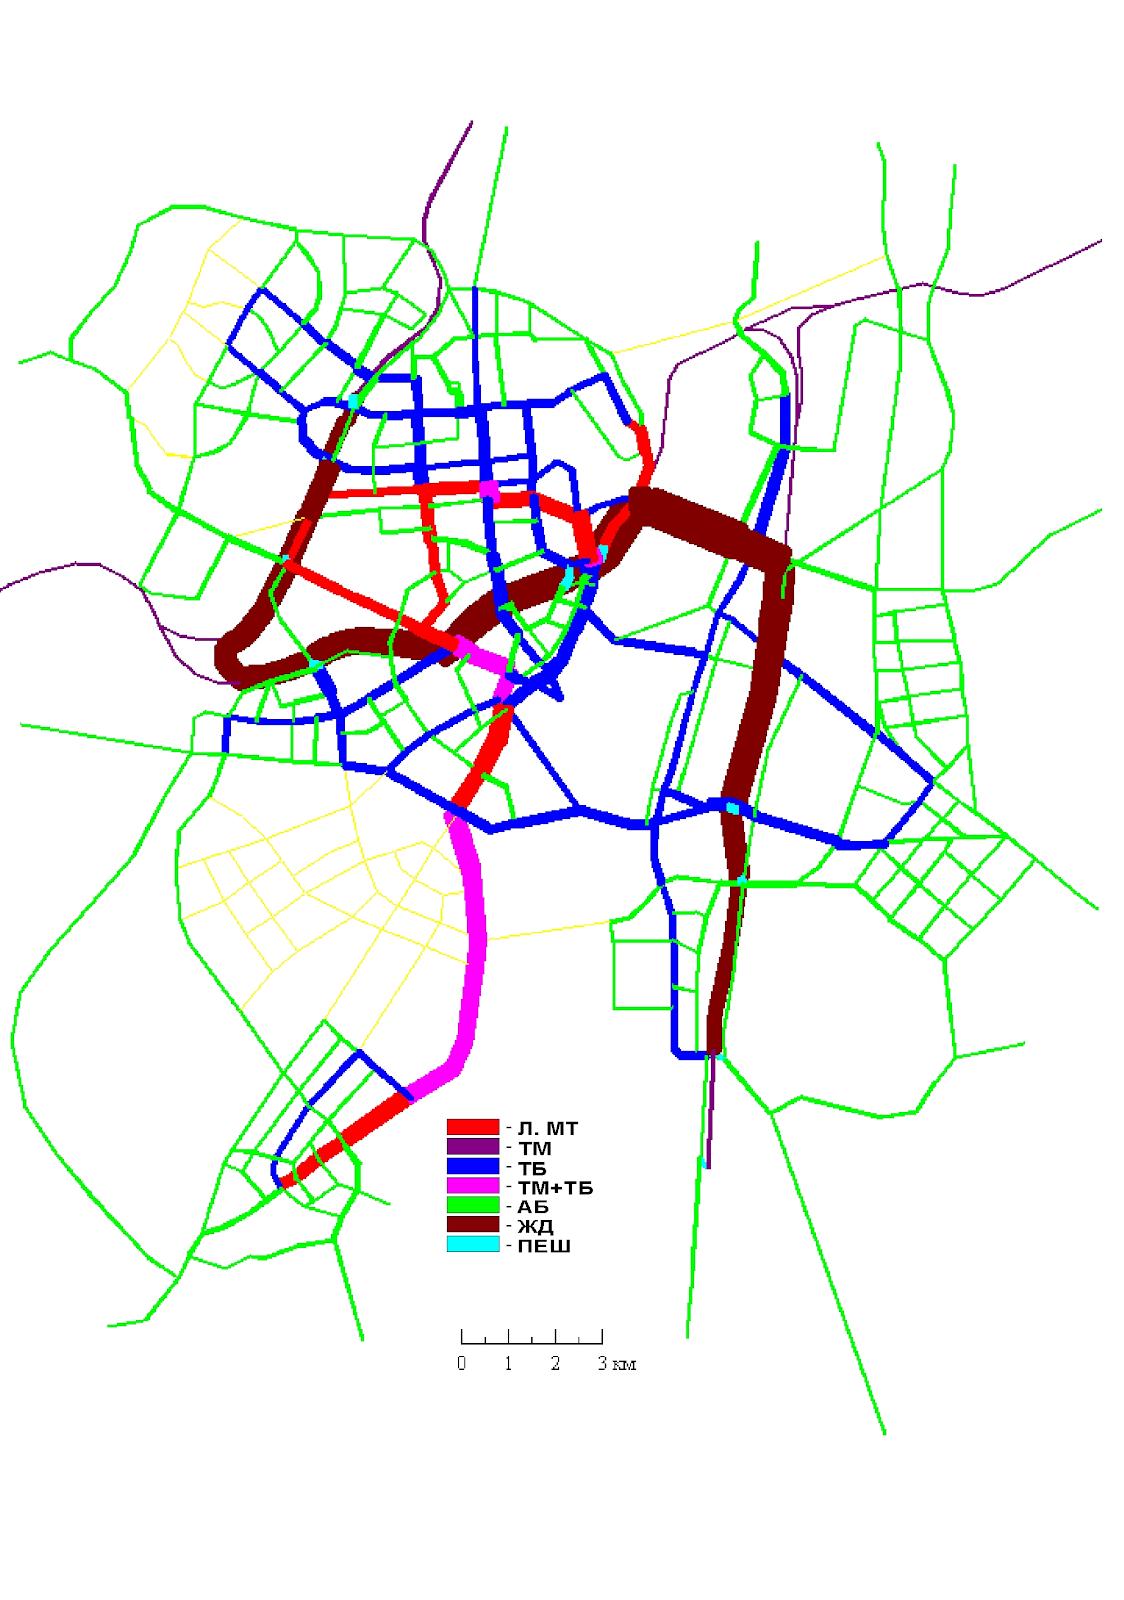 21. Вариант III Основной. Сеть ГПТ совмещенная с картограммой пассажиропотоков по видам транспорта